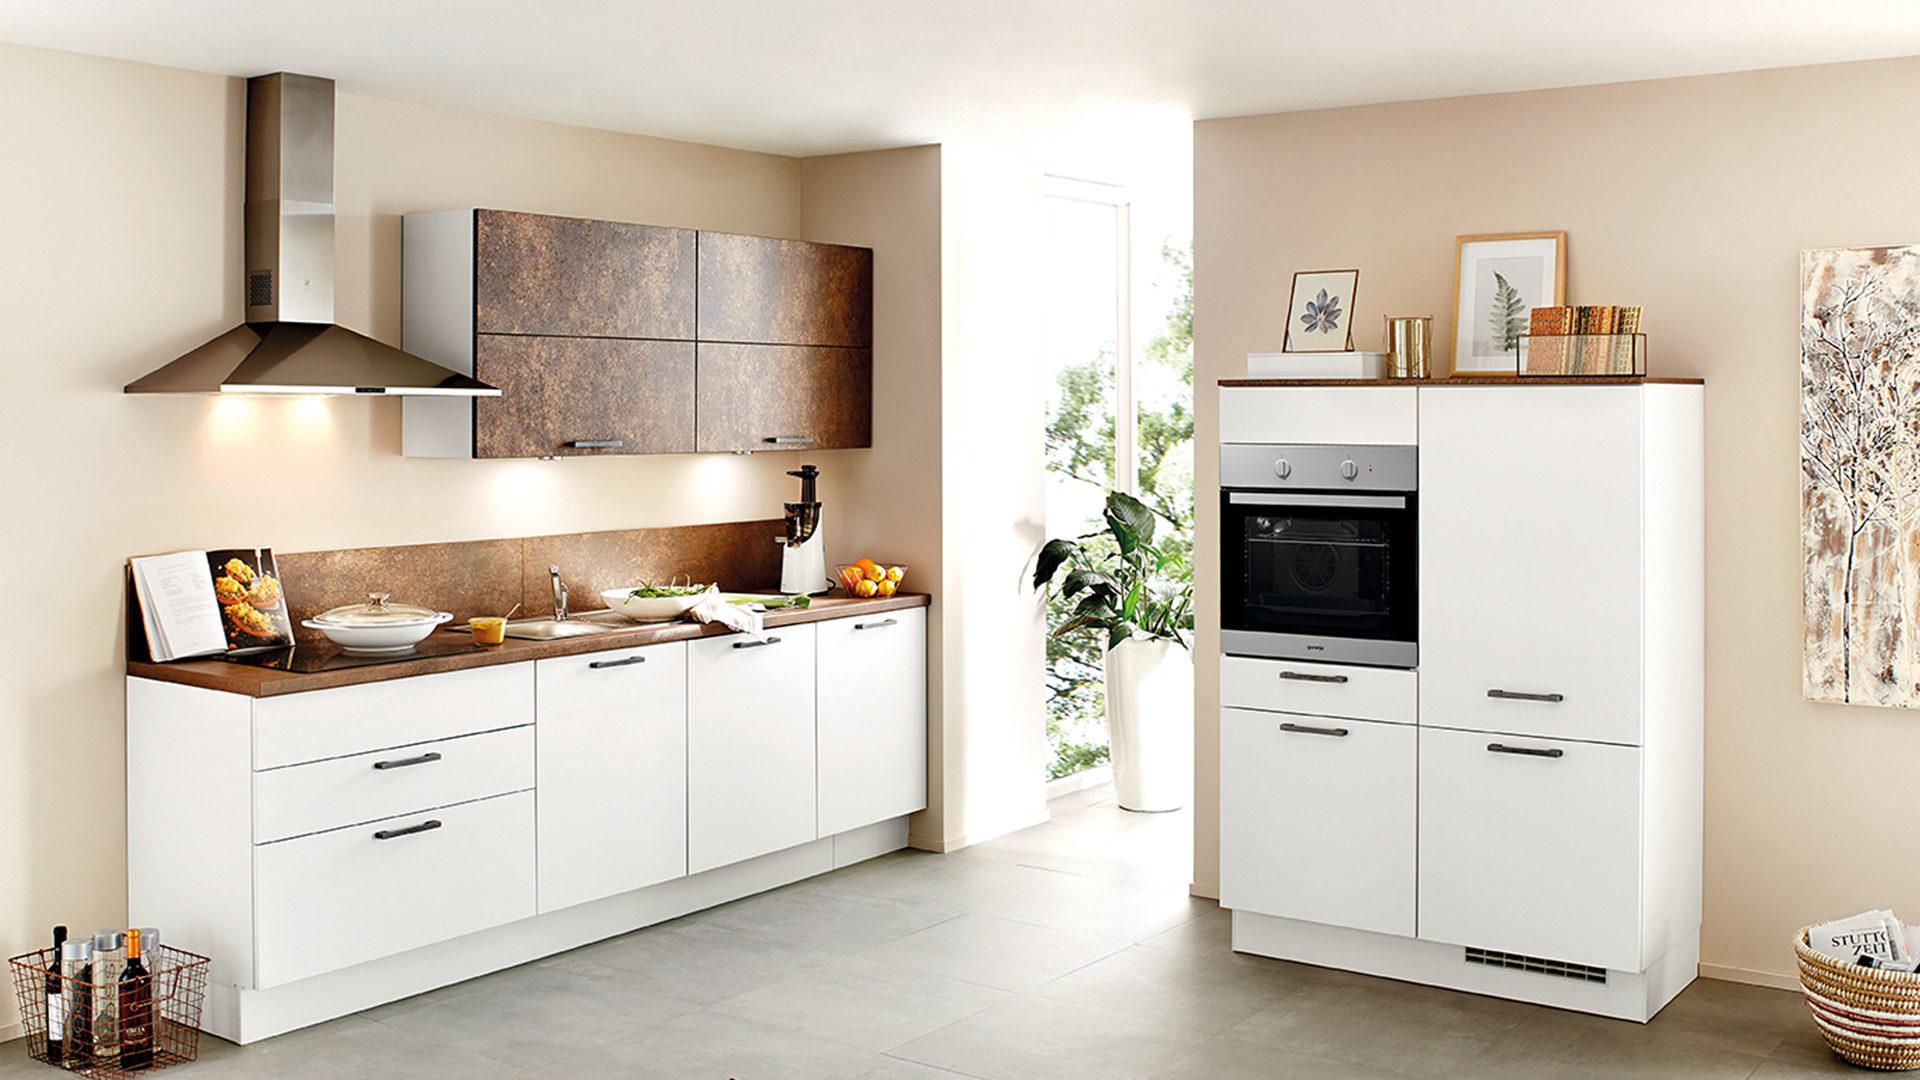 Gorenje Kühlschrank Edelstahl : Einbauküche mit gorenje elektrogeräten wie kühlschrank etc weiße